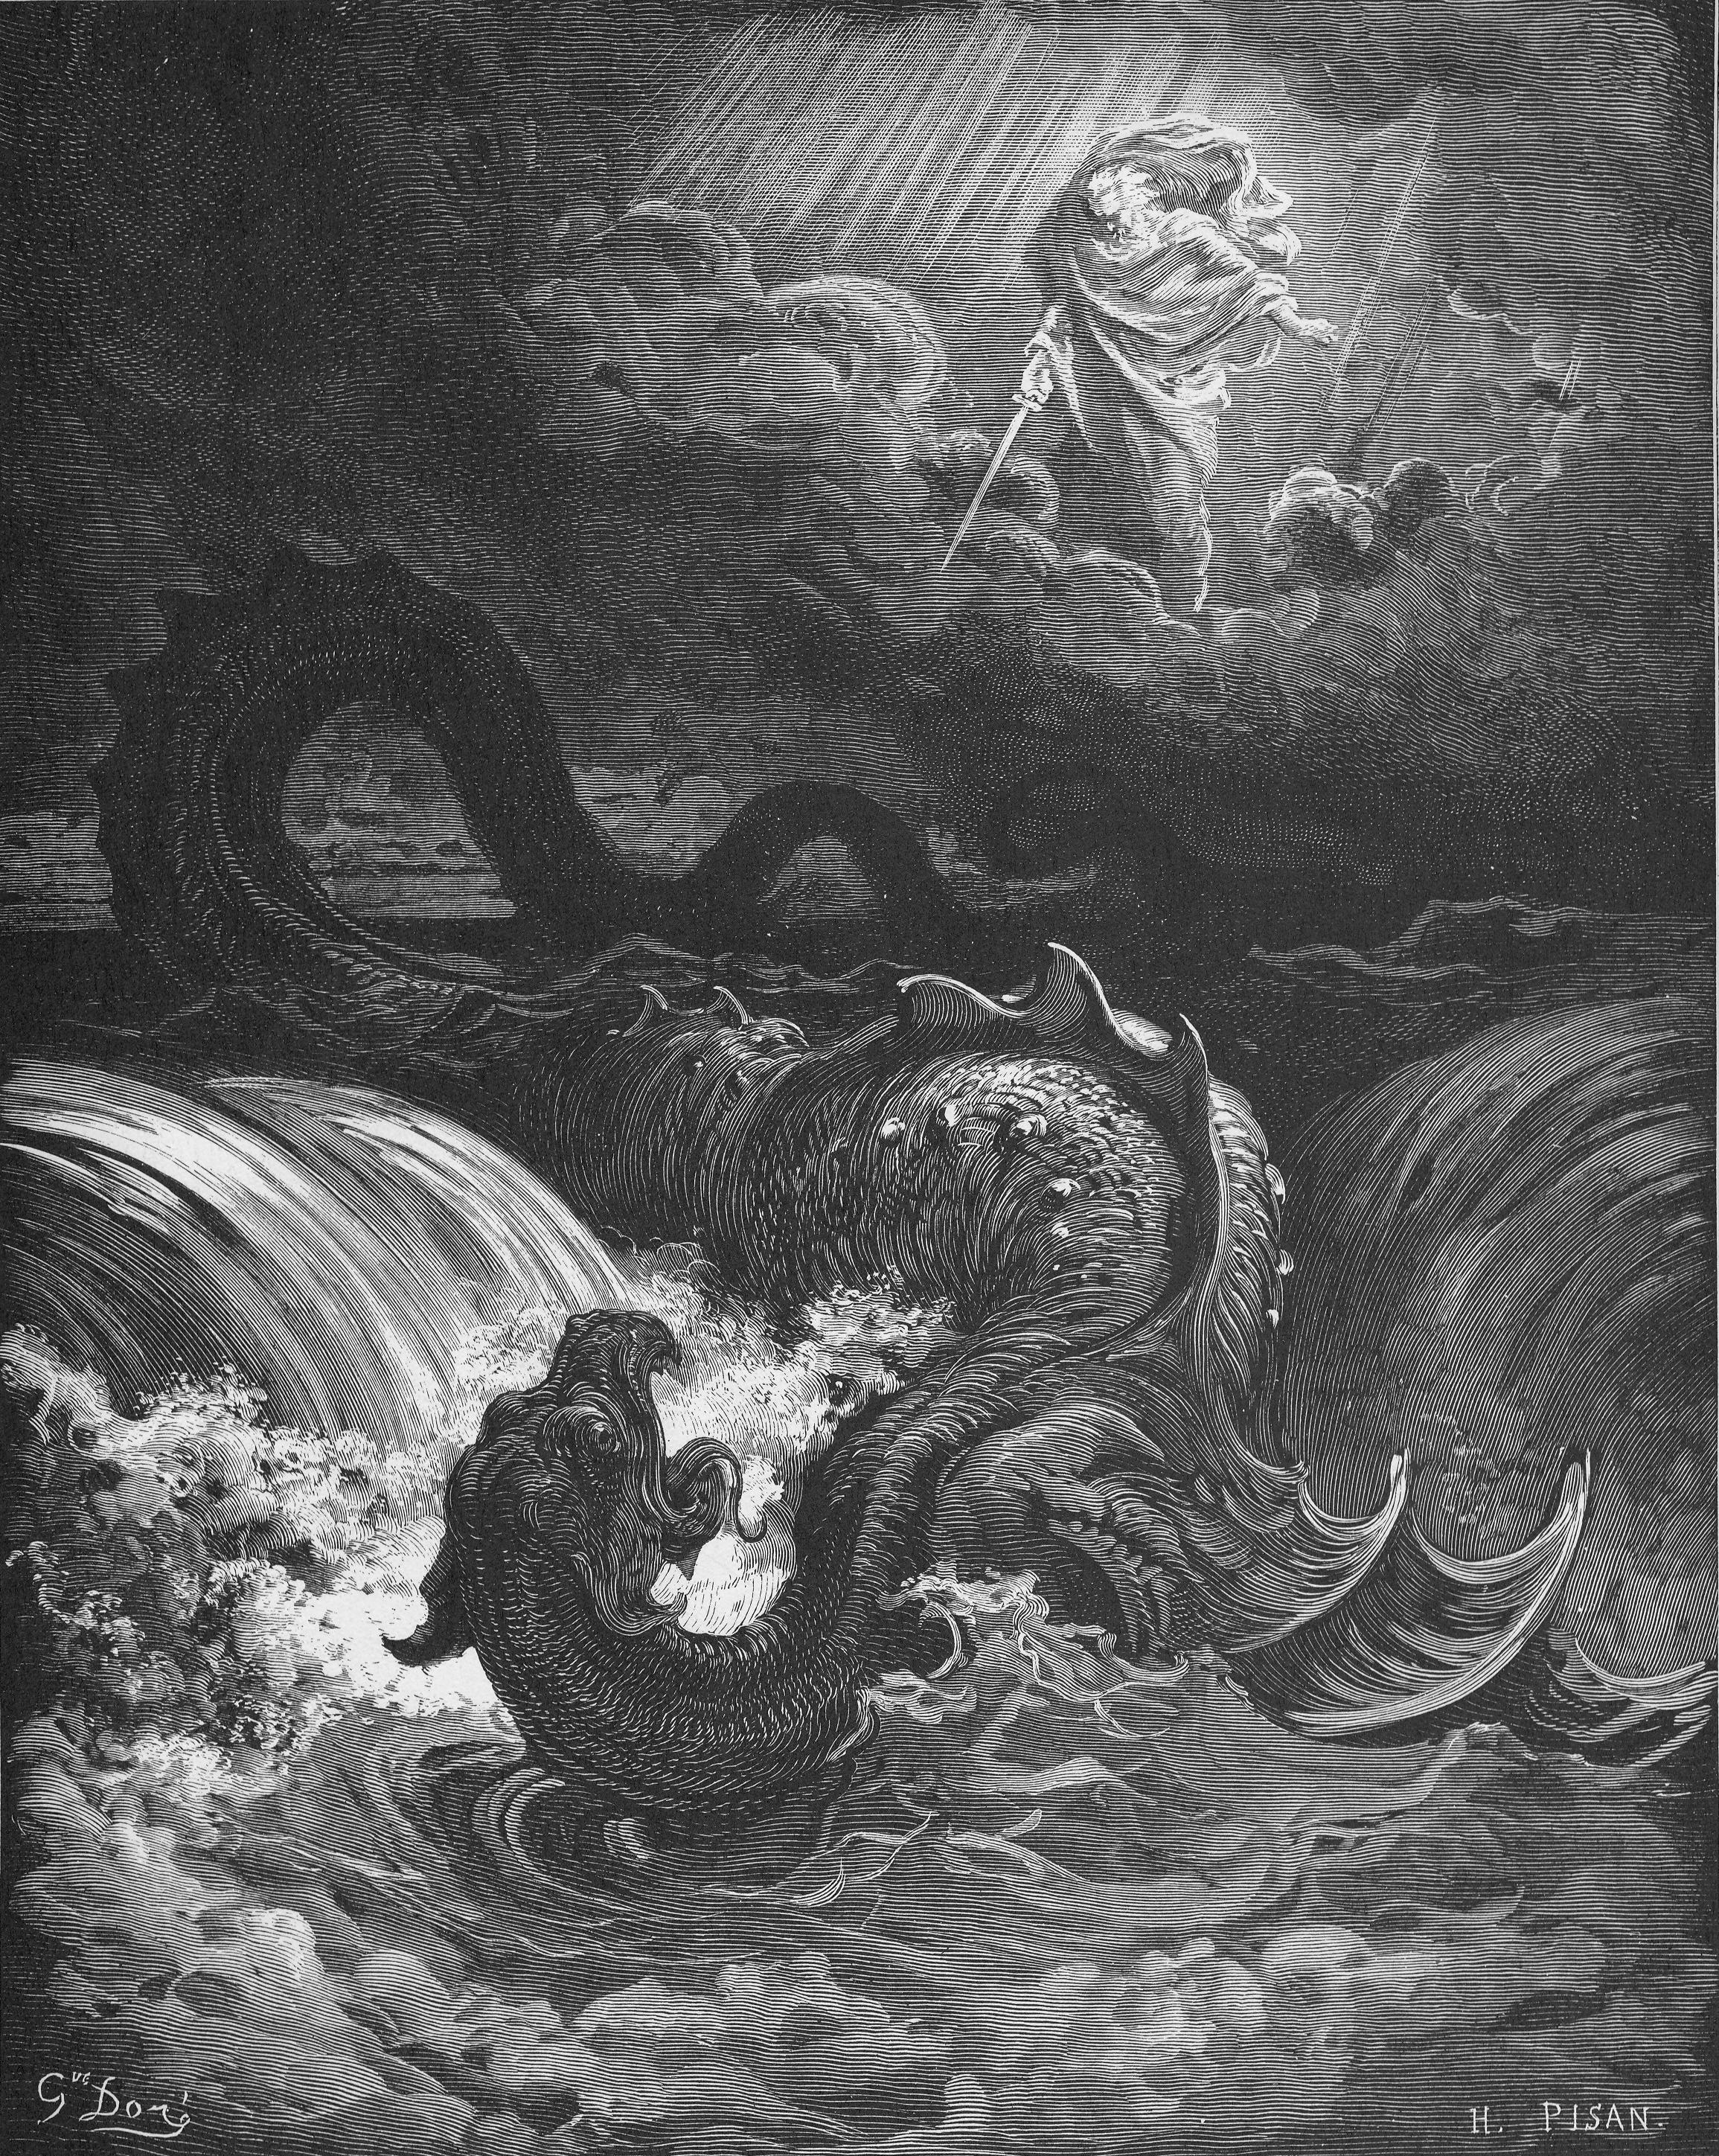 上图:法国版画家古斯塔夫·多雷(Gustave Doré,1832-1883年)1866年的木刻《利维坦的毁灭 The Destruction of Leviathan》。